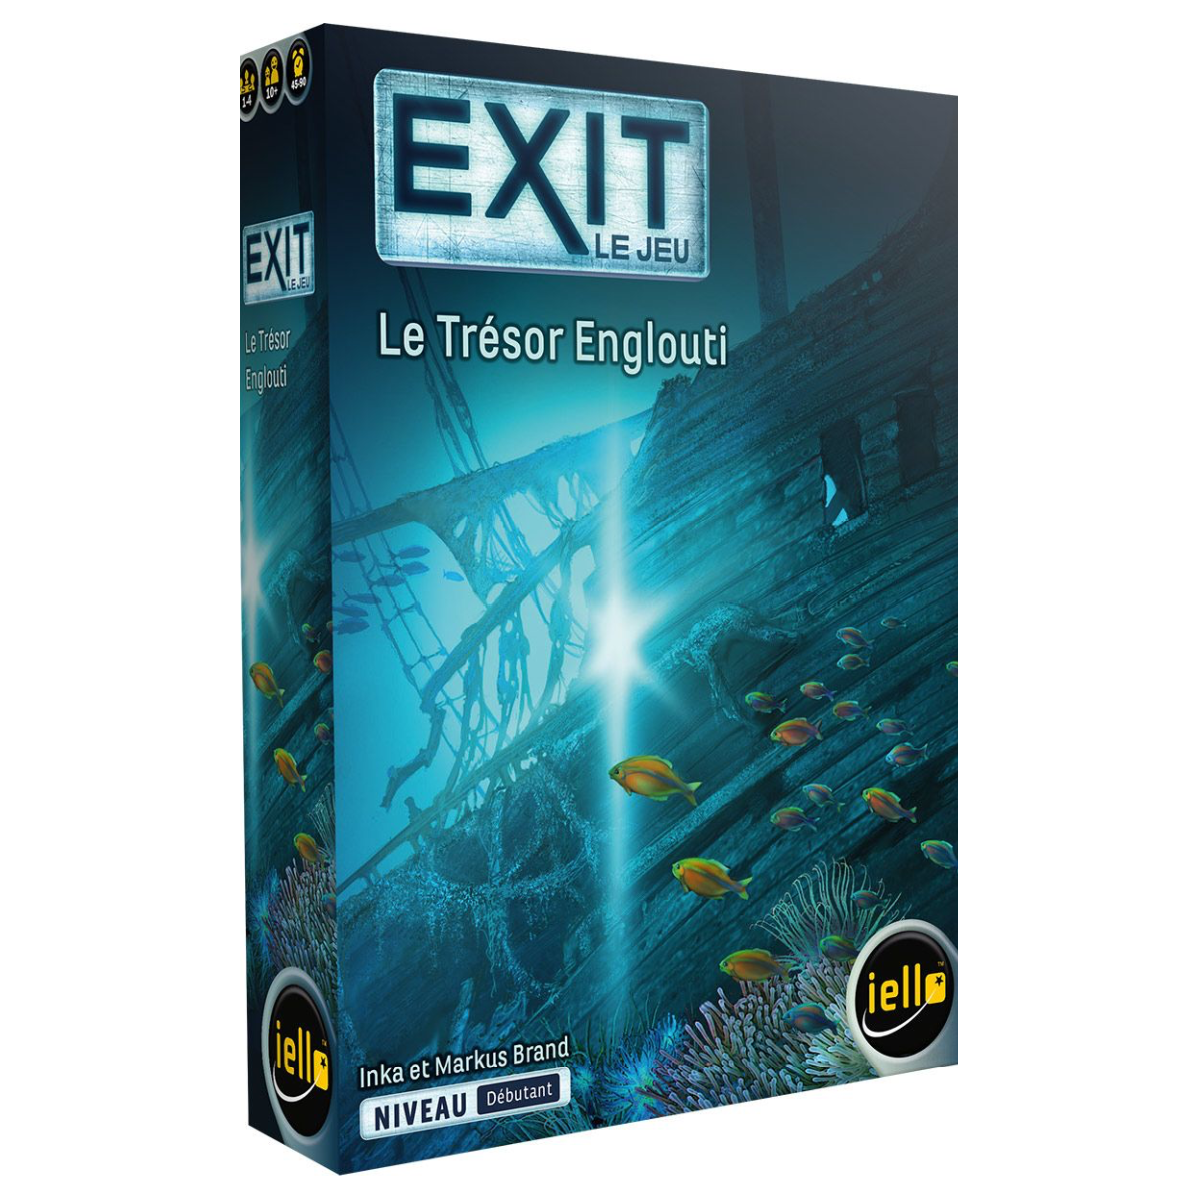 Exit - Le Trésor Englouti | 19,99$ | Location seulement